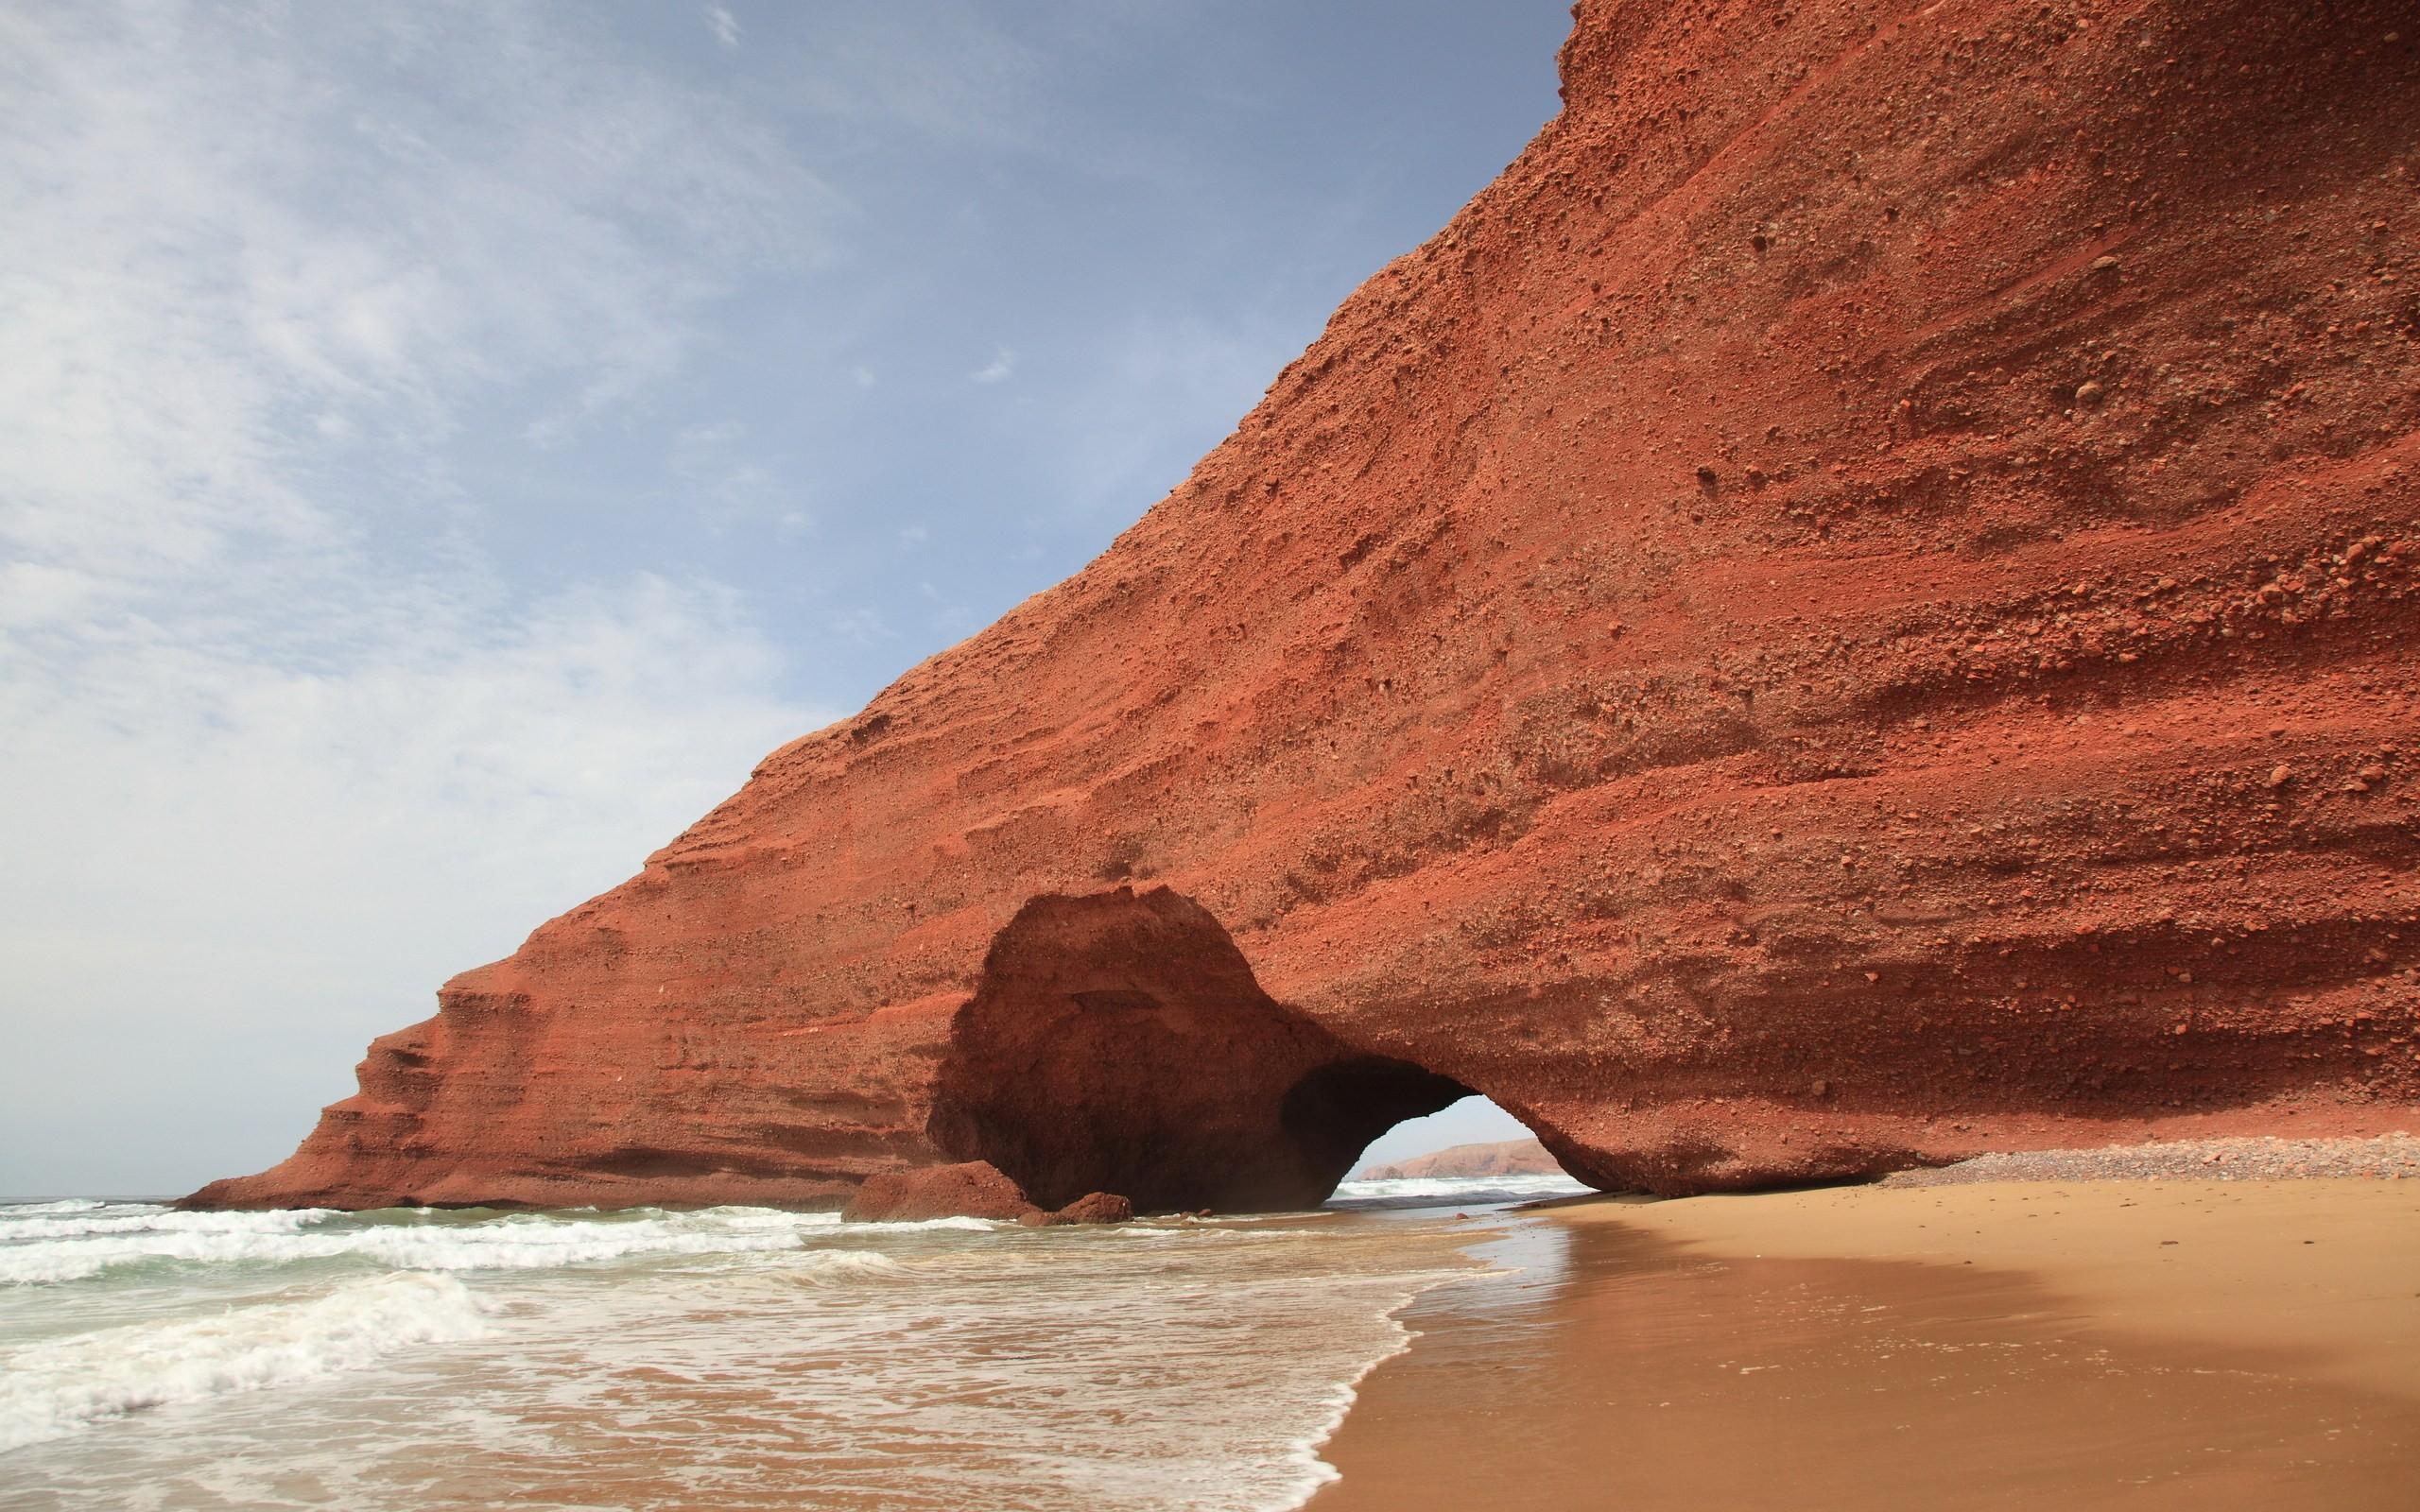 Cuevas en las playas - 2560x1600